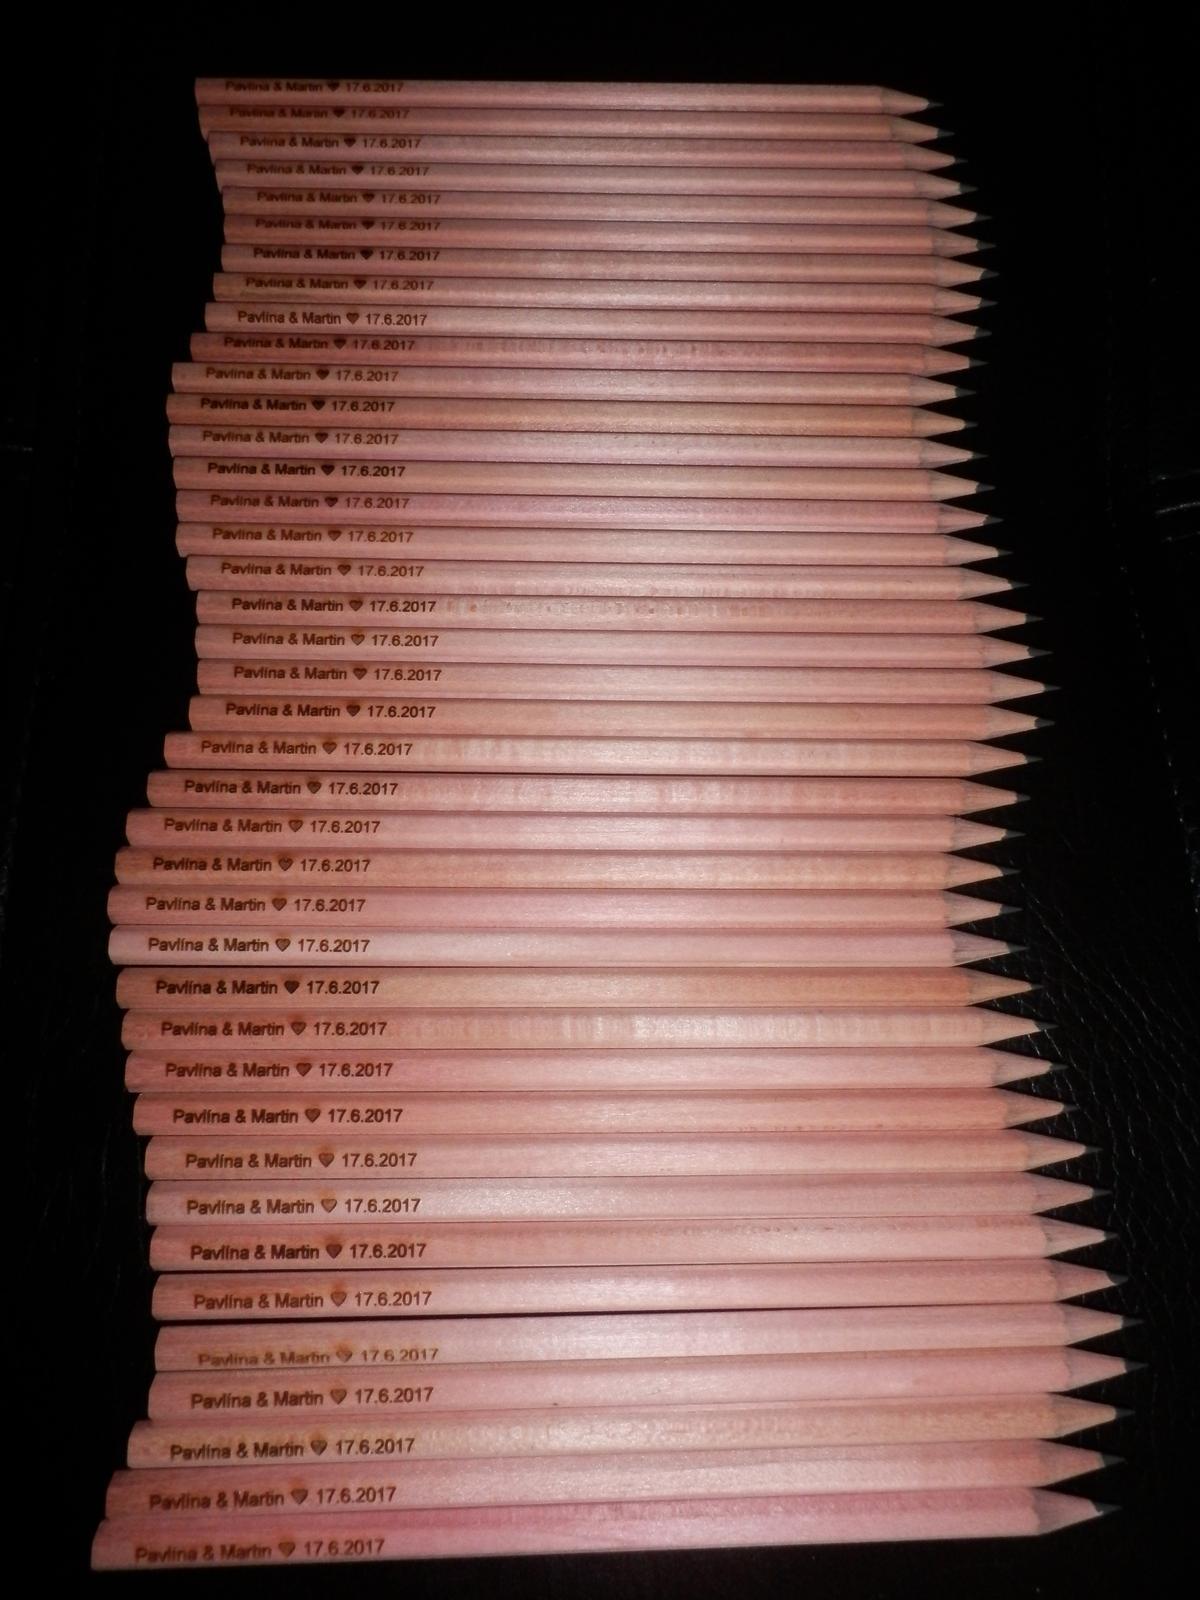 Fialová svatba - Co už máme :-) - svatební tužky - dárek pro hosty